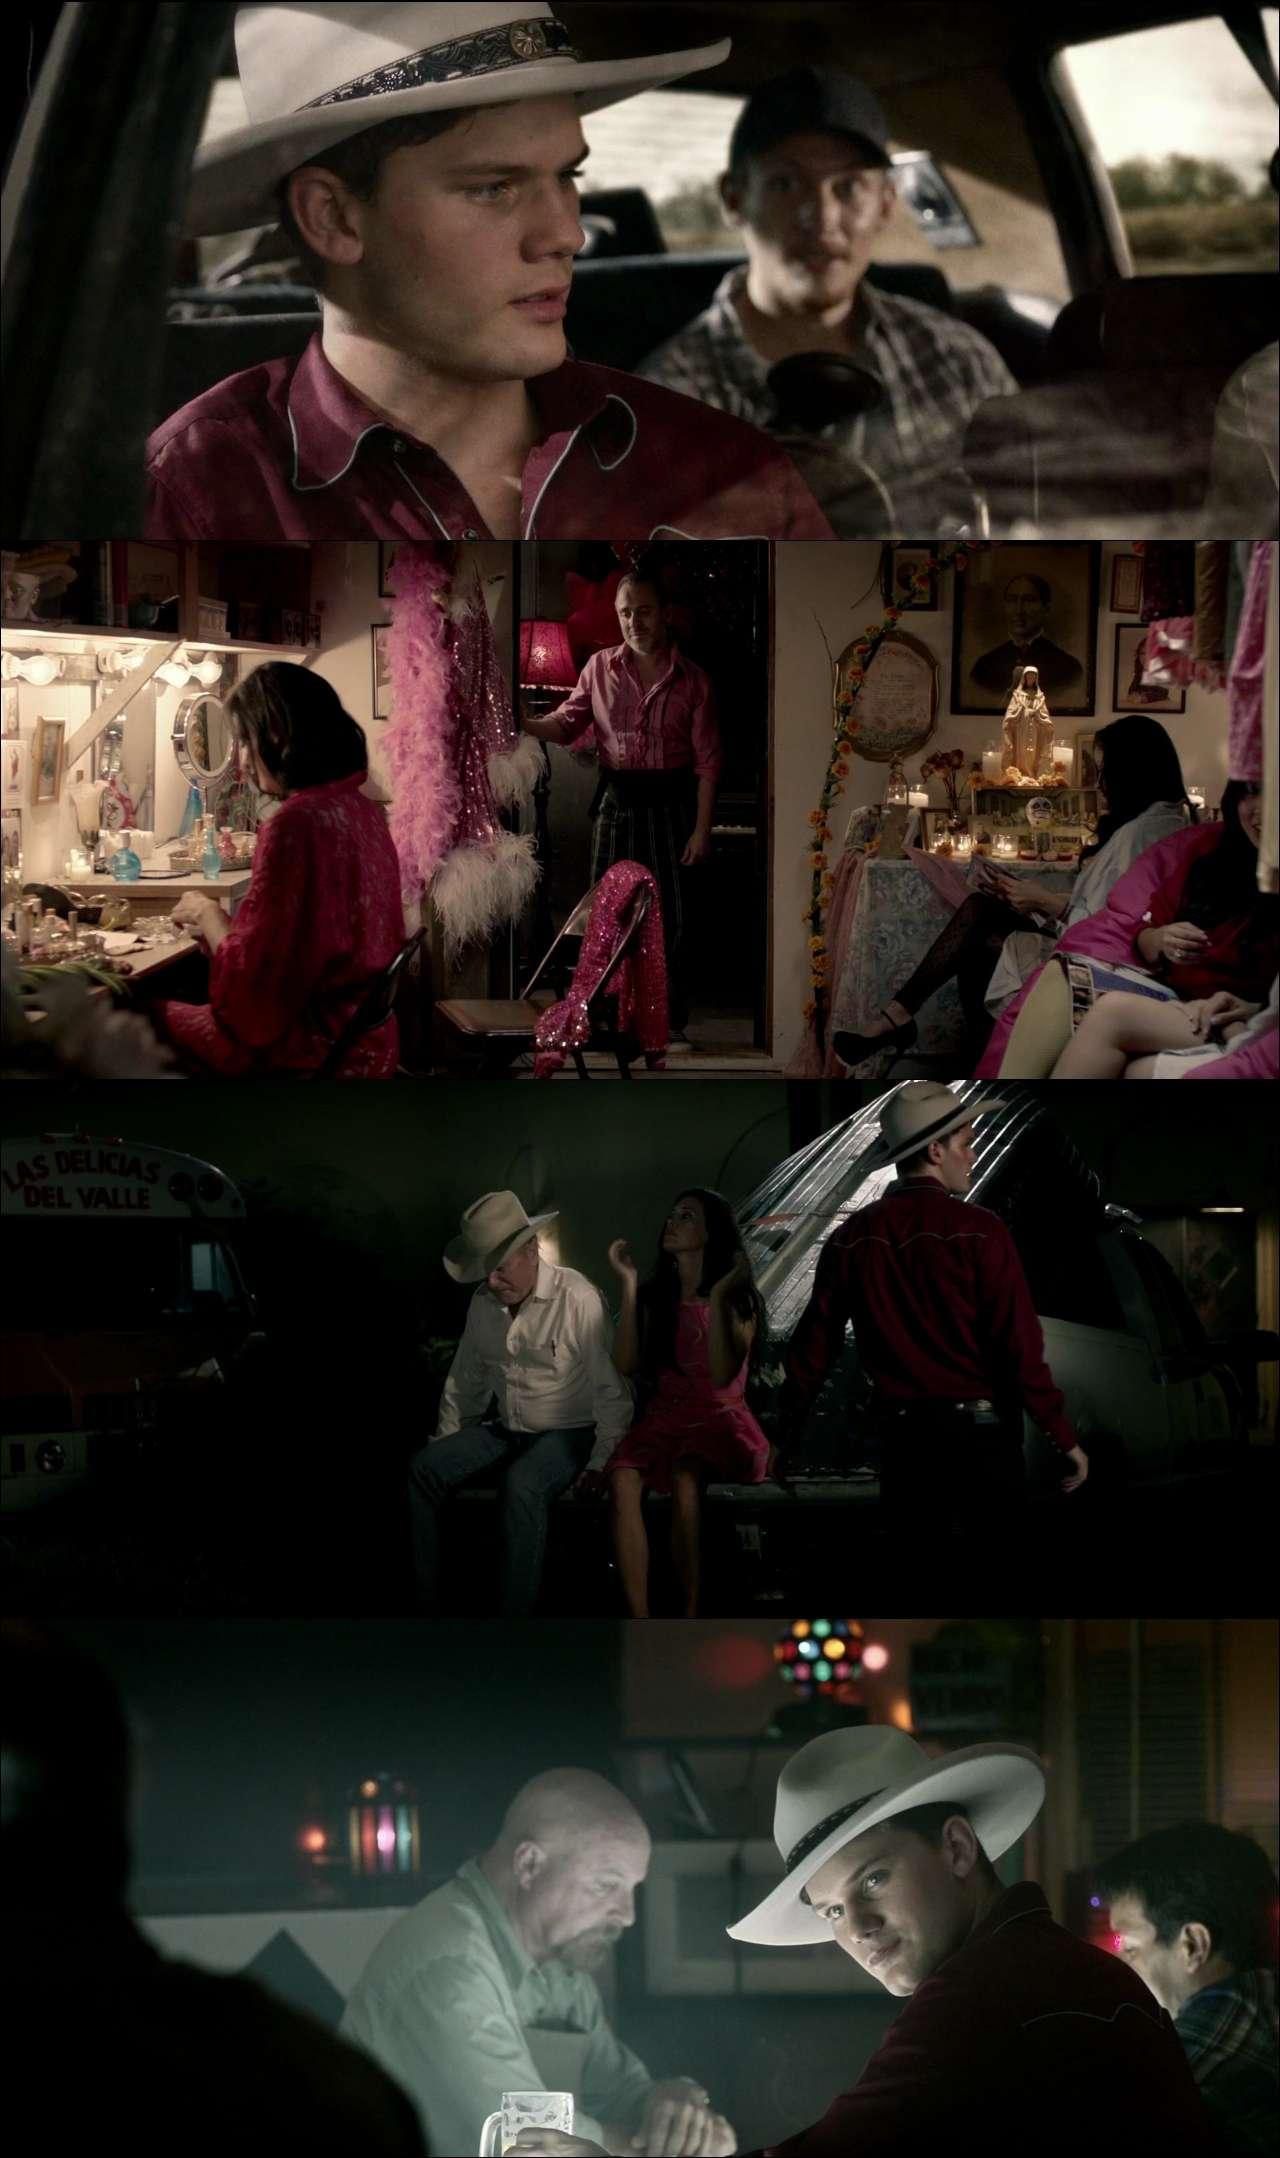 Eski Meksikada Bir Gece (2013) türkçe dublaj film indir